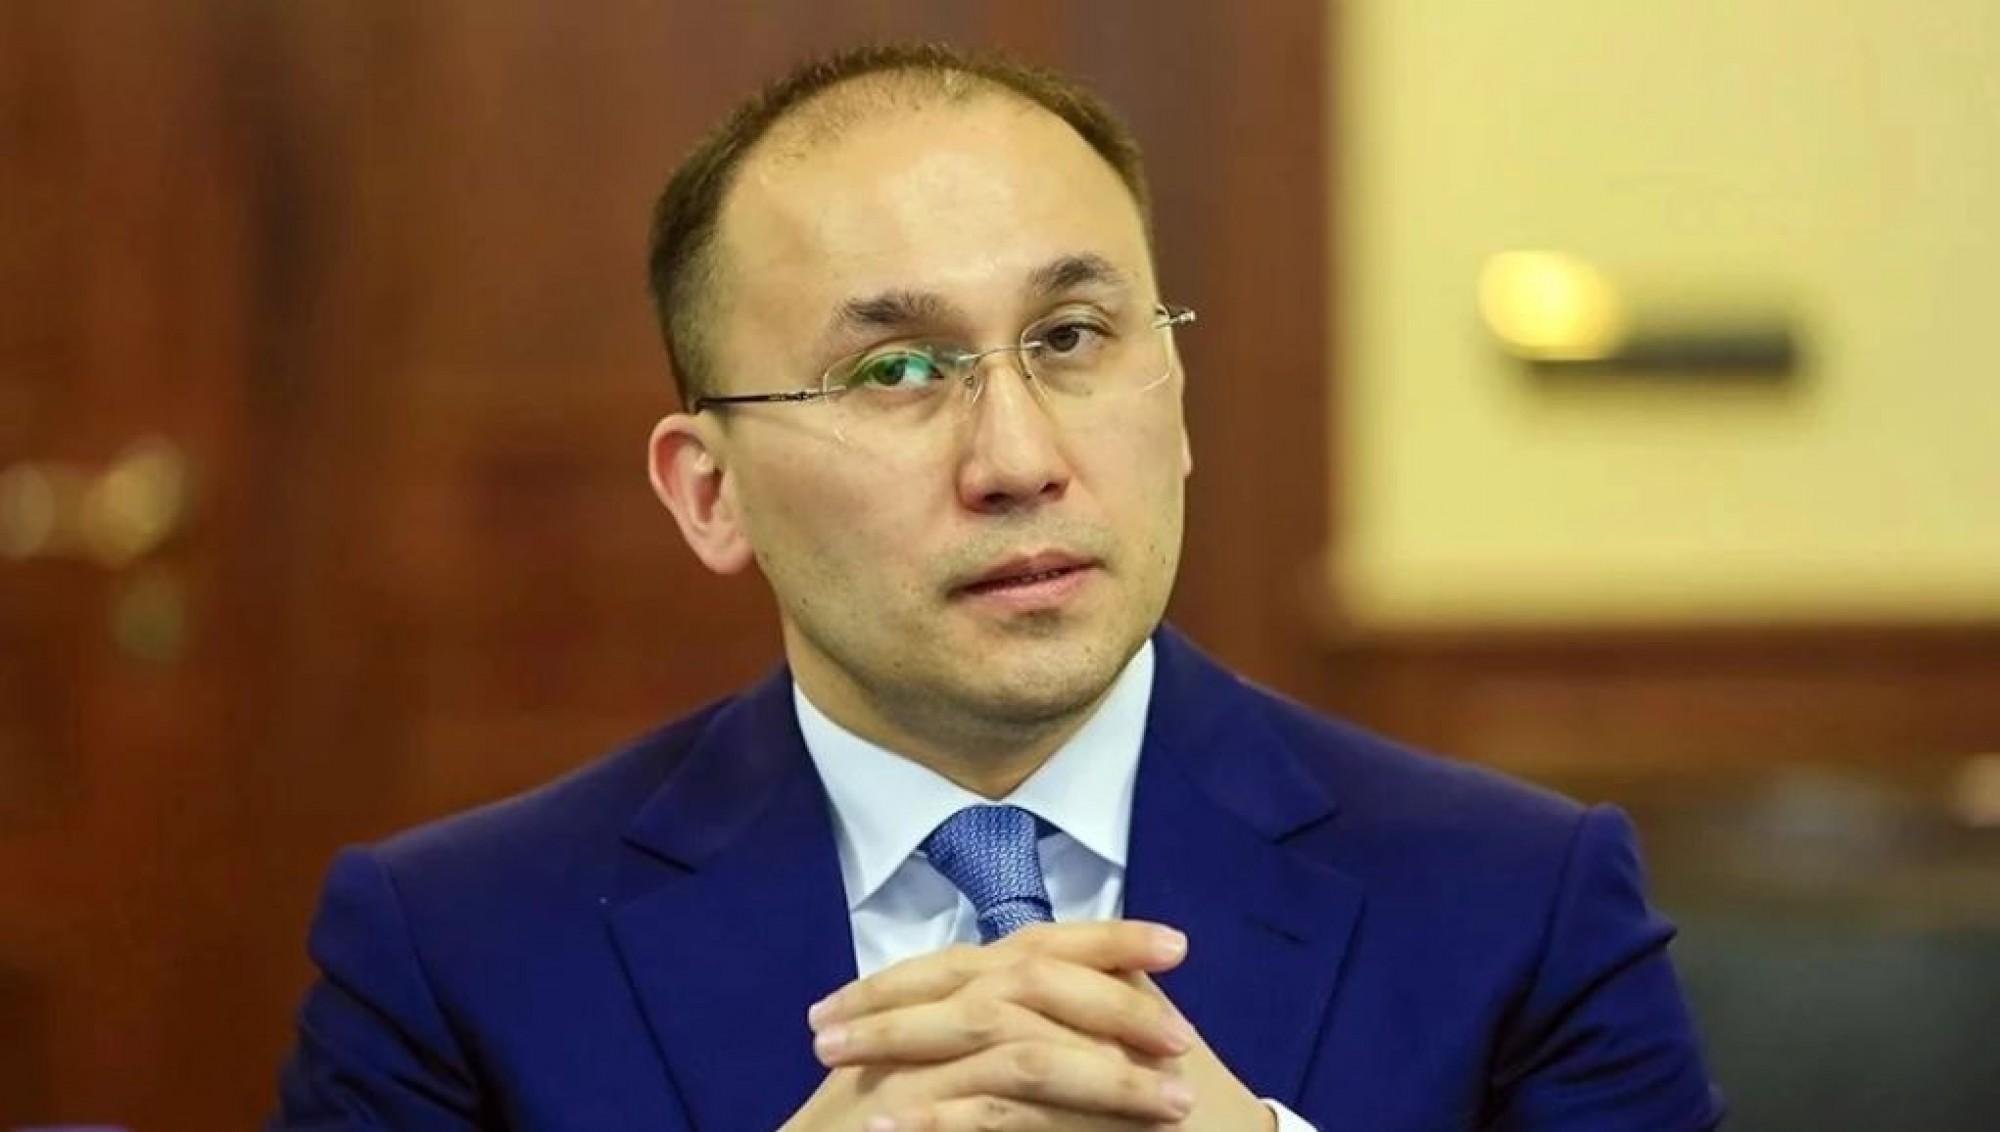 Президент Казахстана в понедельник даст конкретные установки действий в режиме ЧП – министр информации